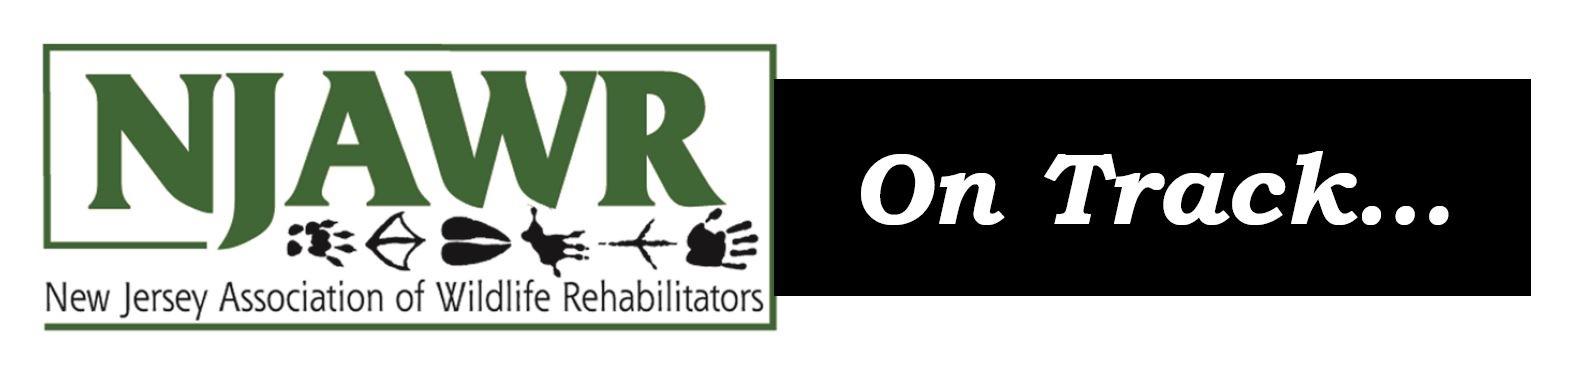 NJAWR on track logo